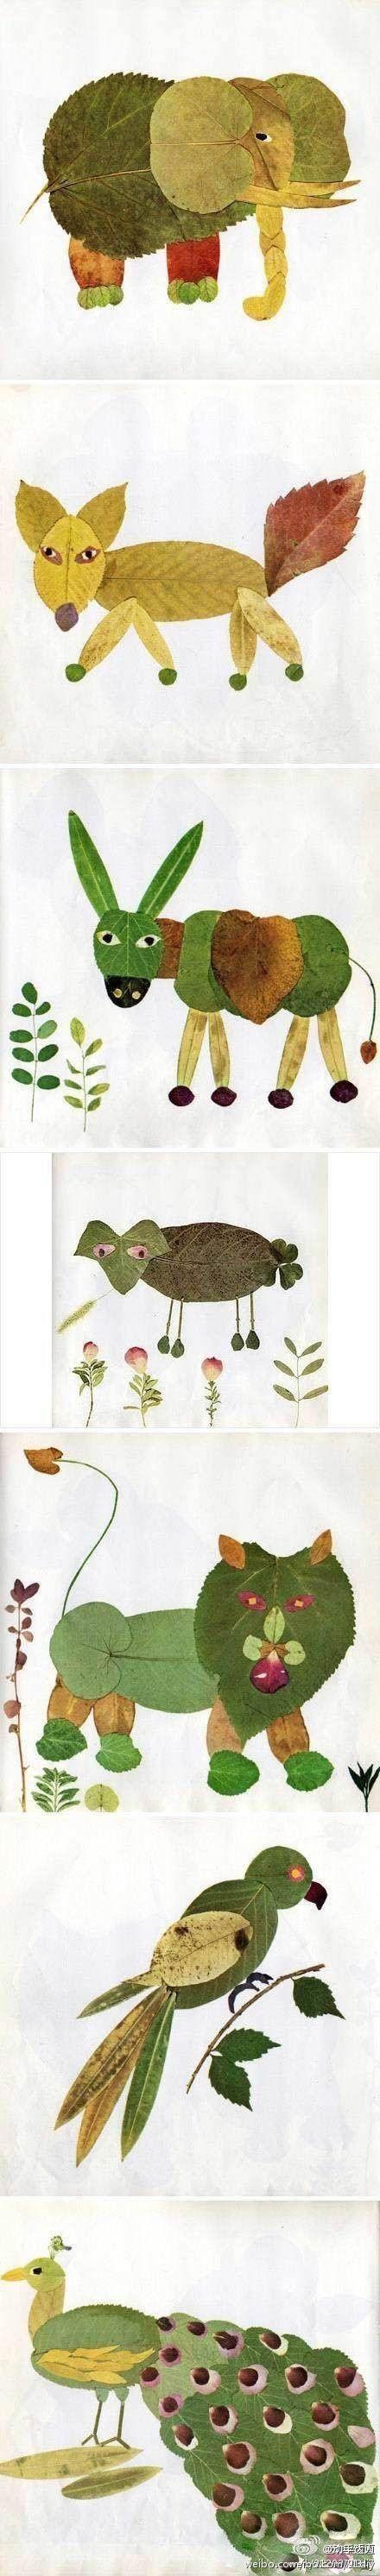 Inspiratie: dieren die je kan maken uit bladeren.